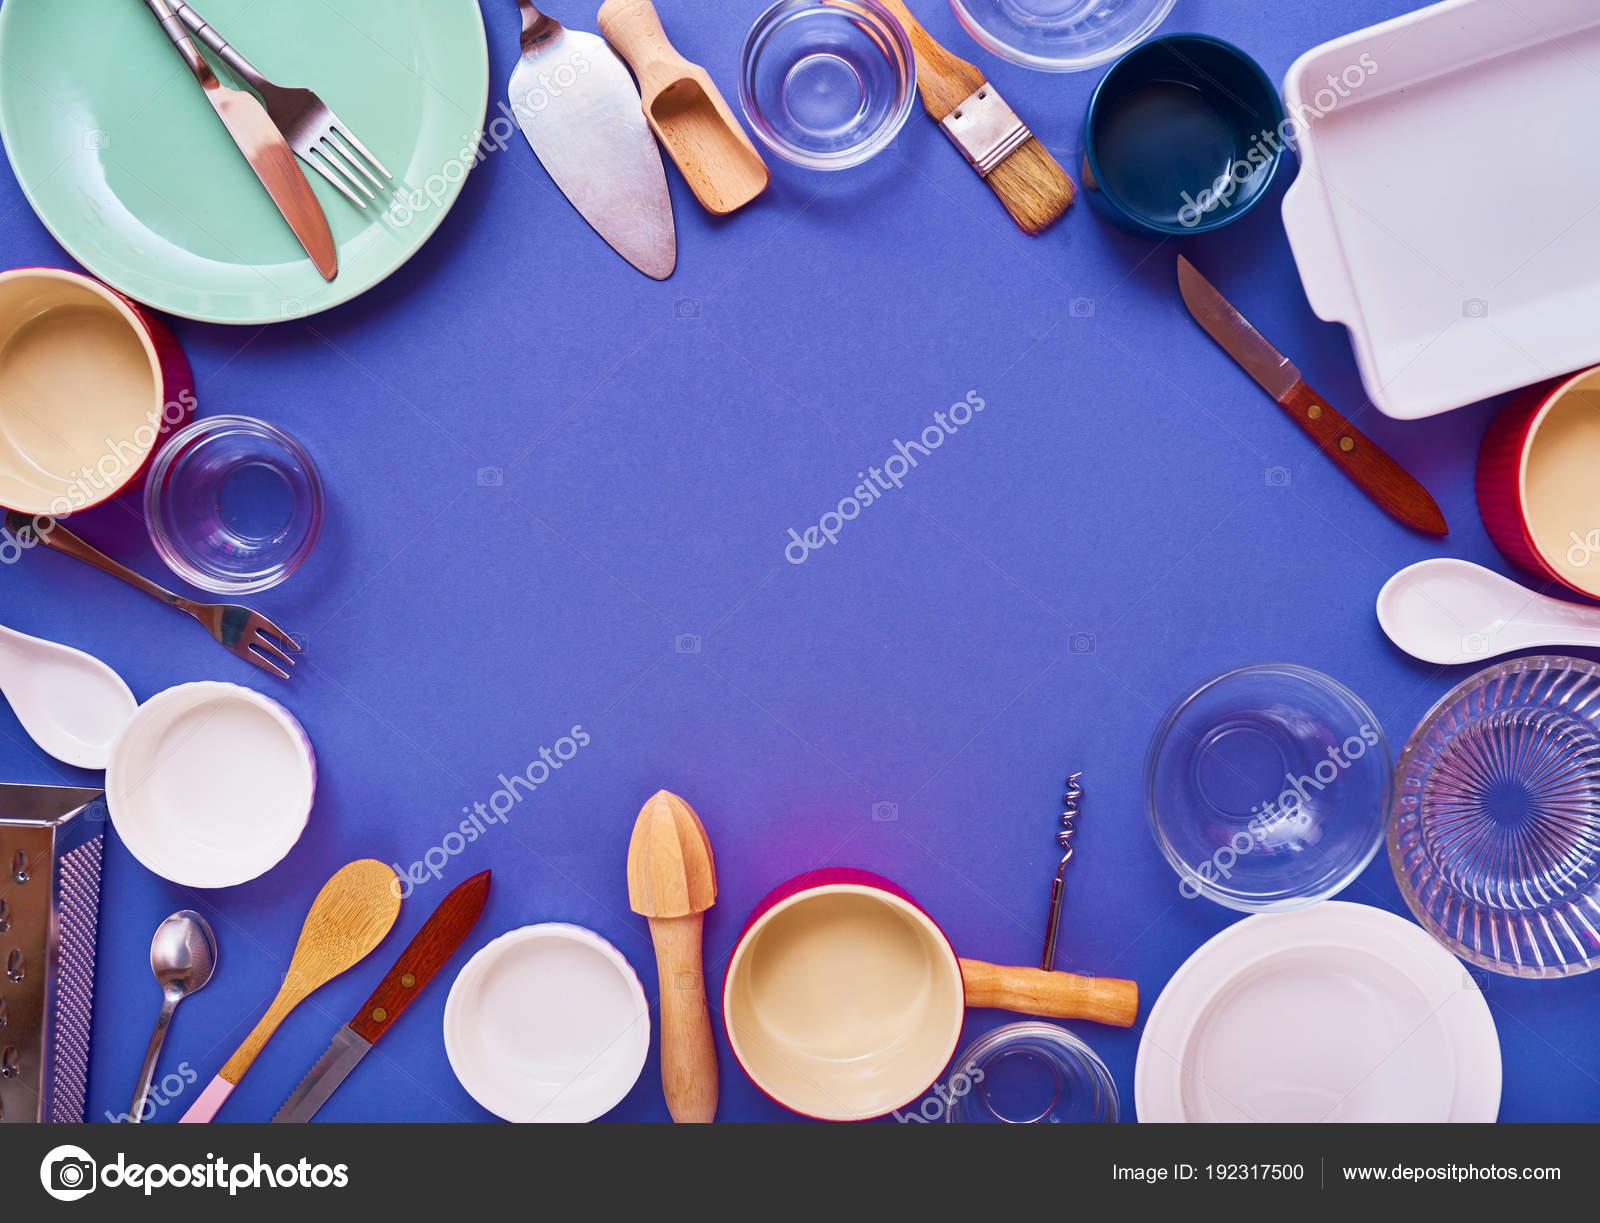 Marco hecho utensilios cocina fondo claro concepto idea for Utensilios de cocina fondo